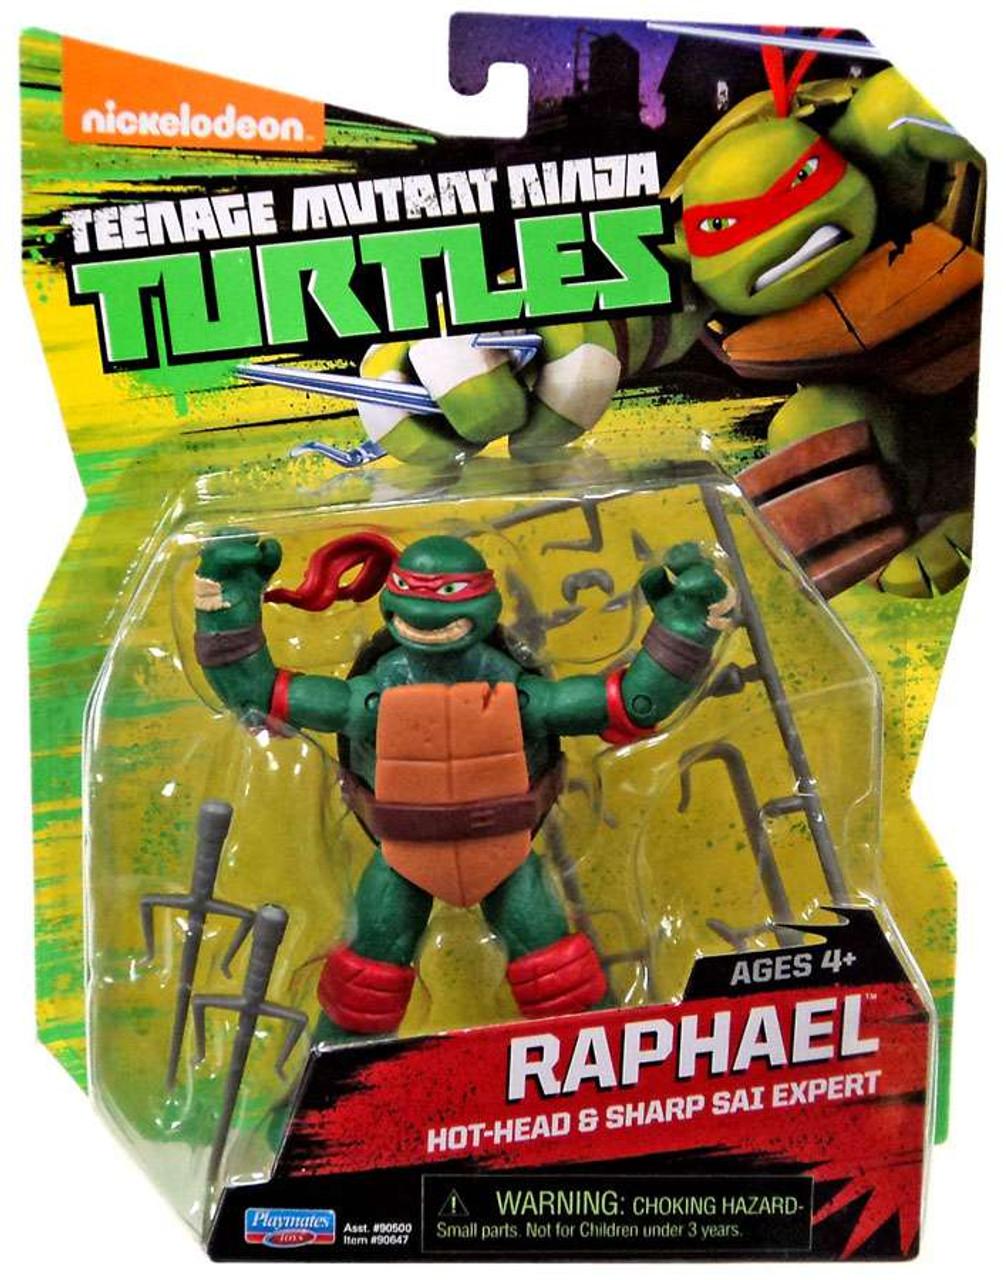 Teenage Mutant Ninja Turtles Movie Tmnt 5 Raphael Toy Action